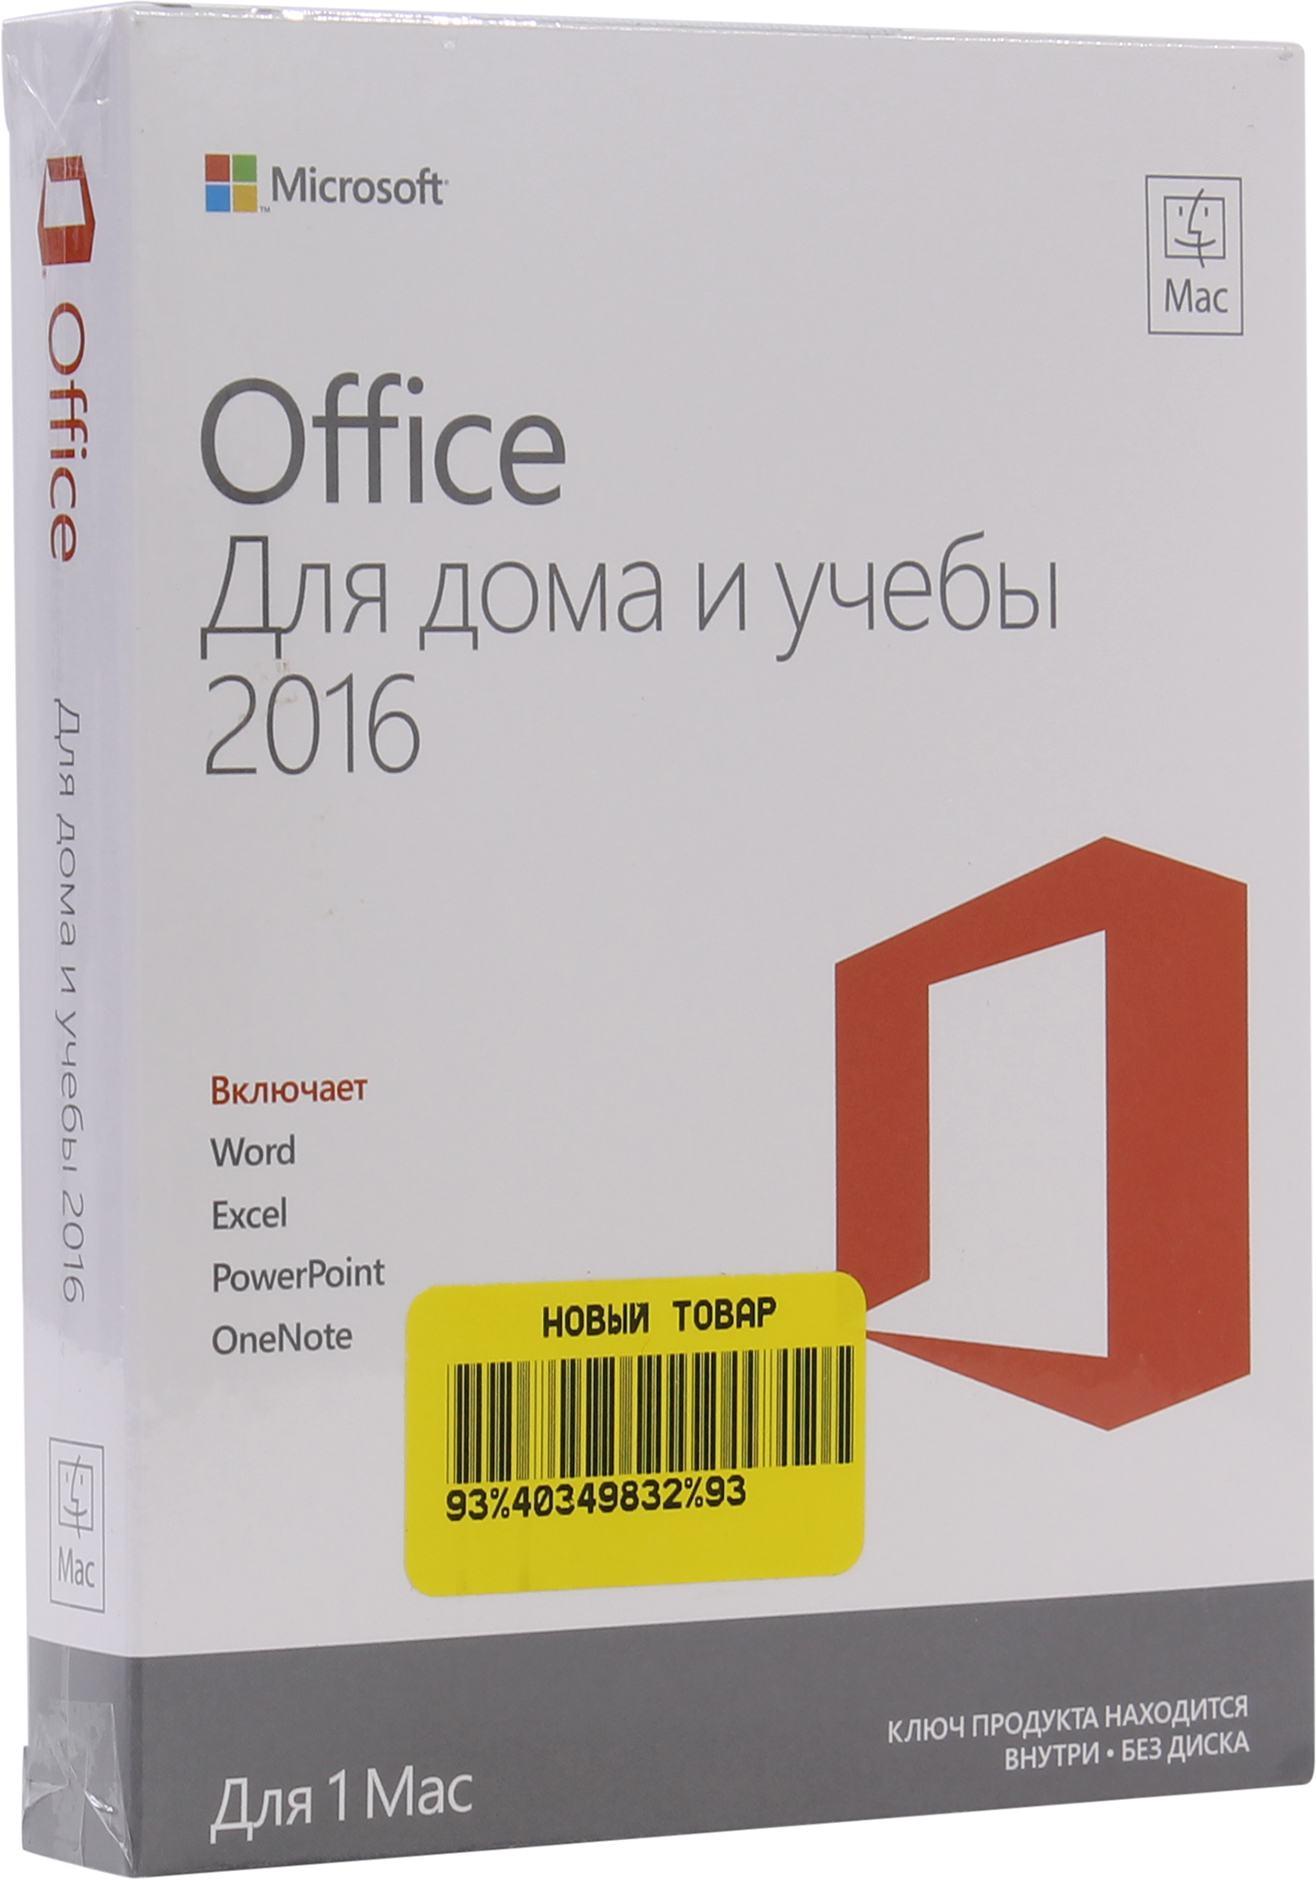 Скачать office для дома и учебы 2016 торрент в каталоге.